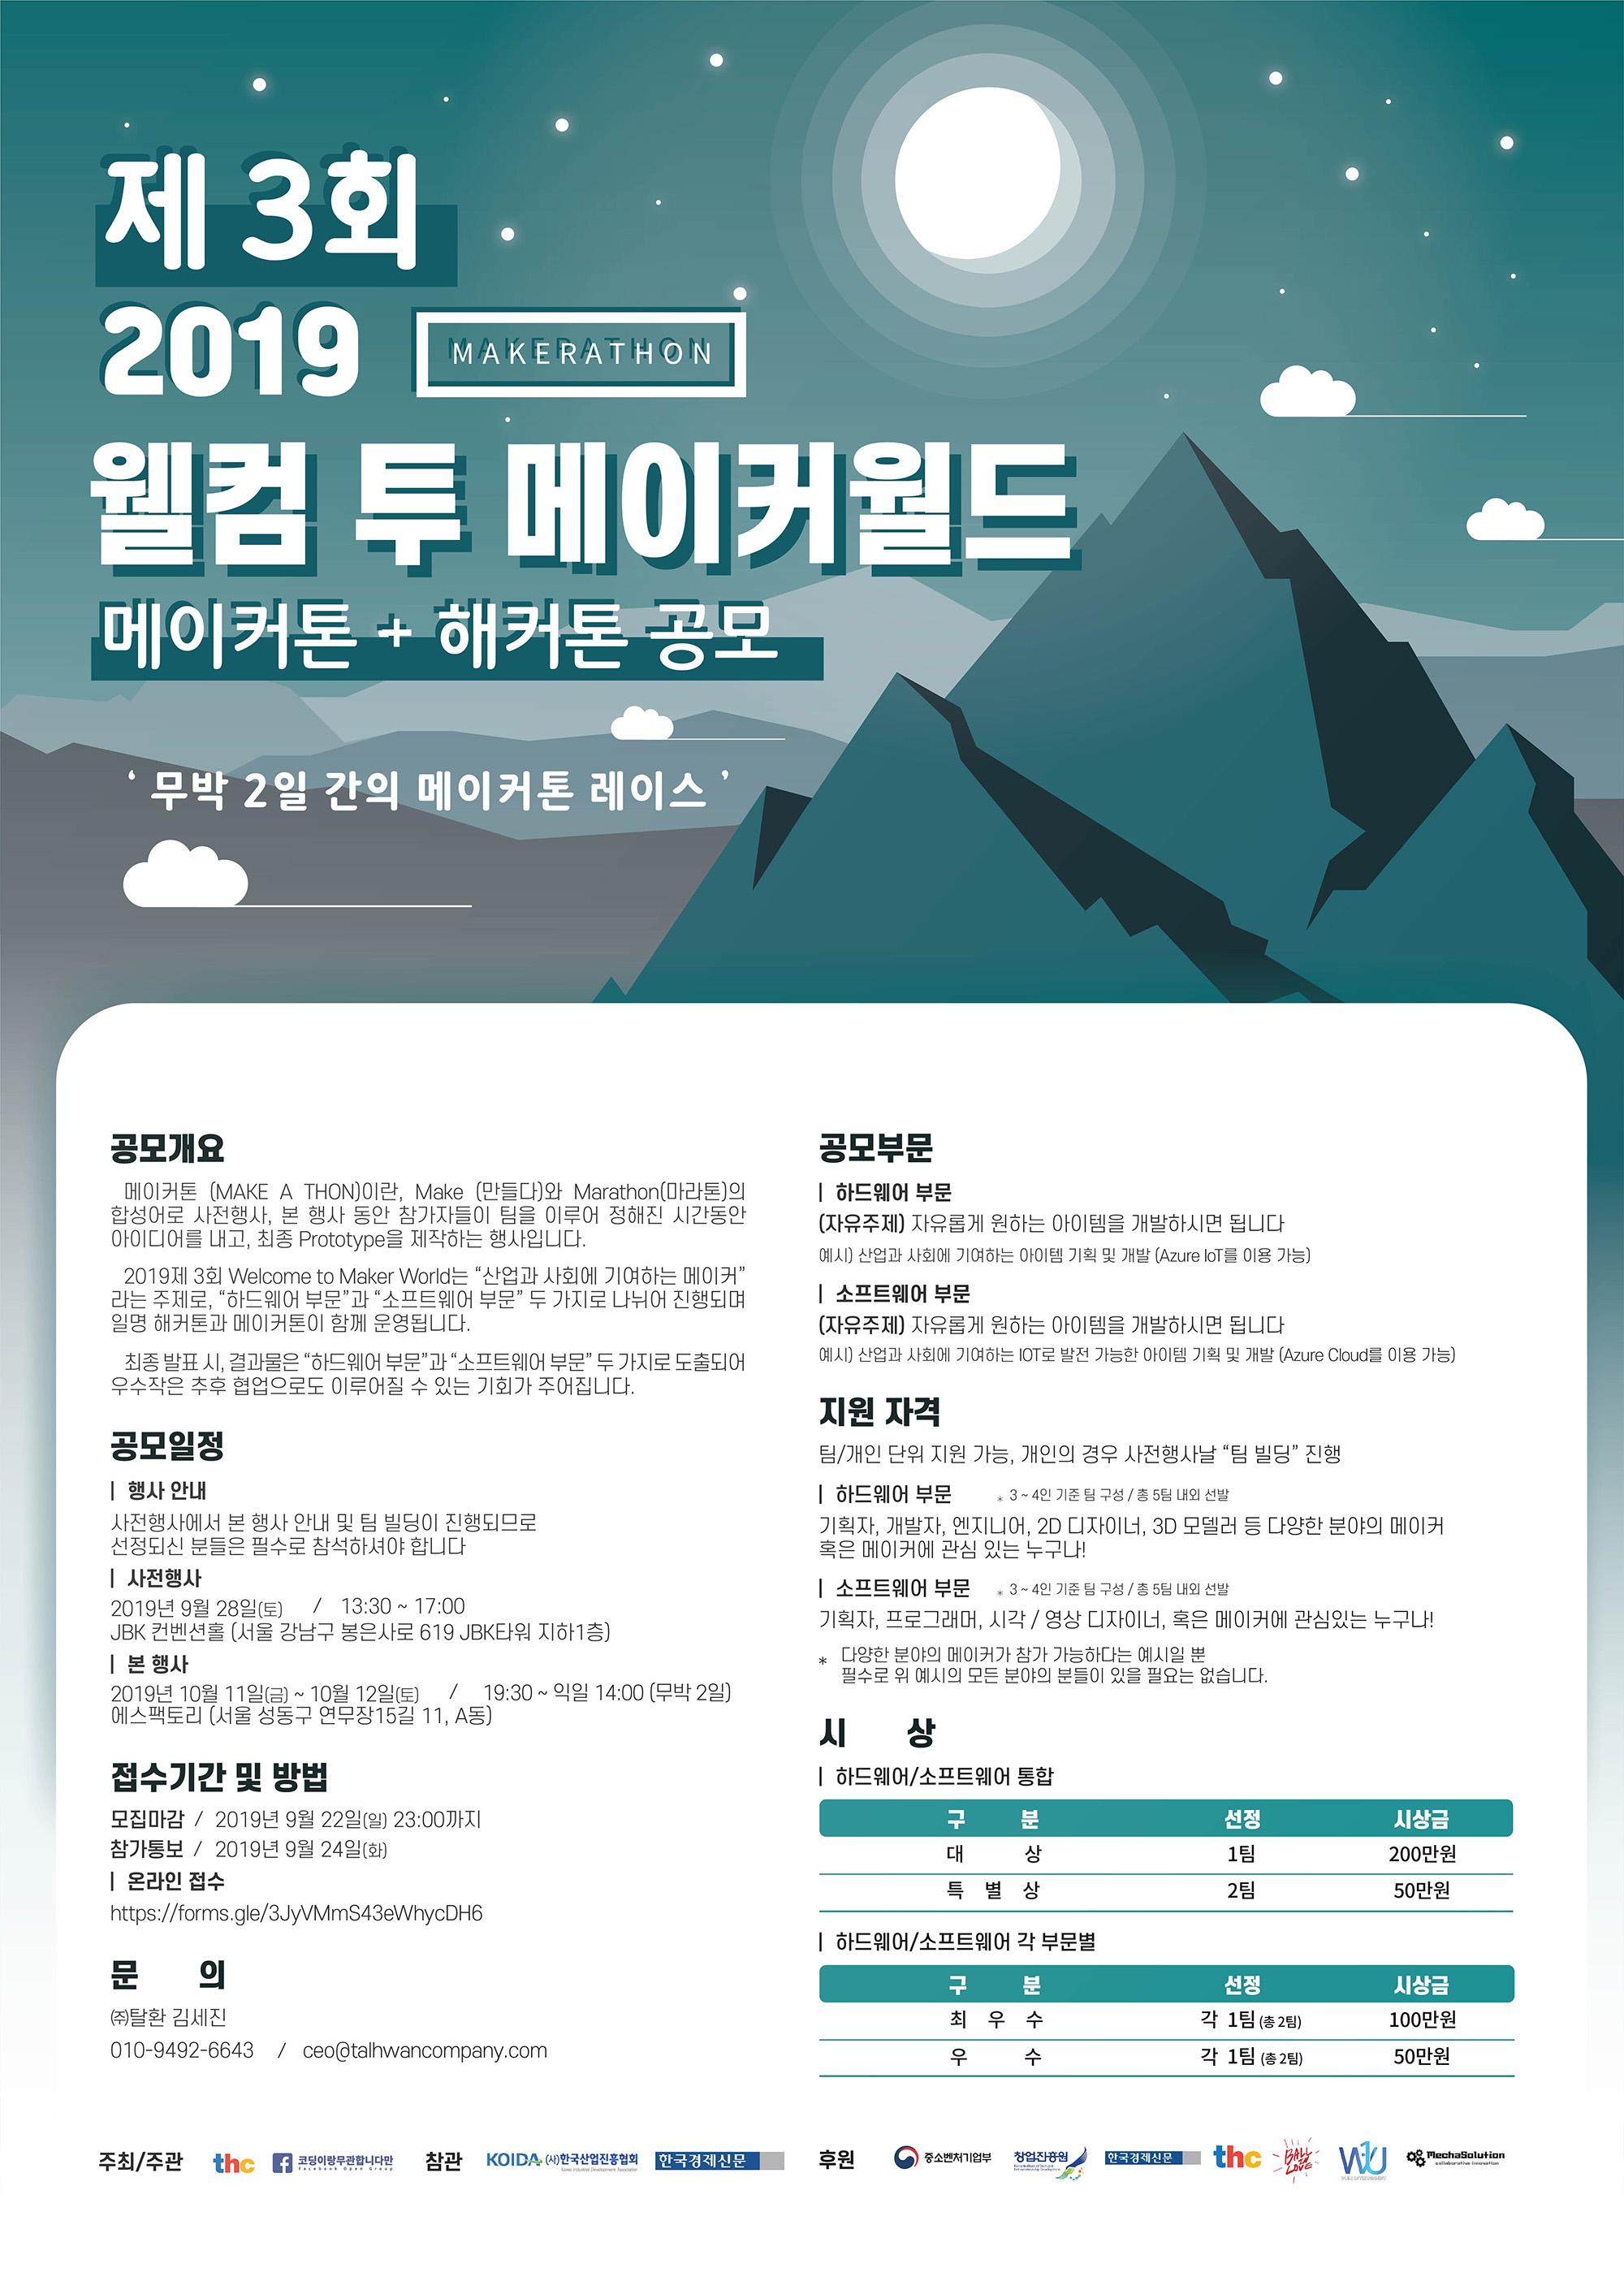 제3회 웰컴 투 메이커월드(메이커톤+해커톤)